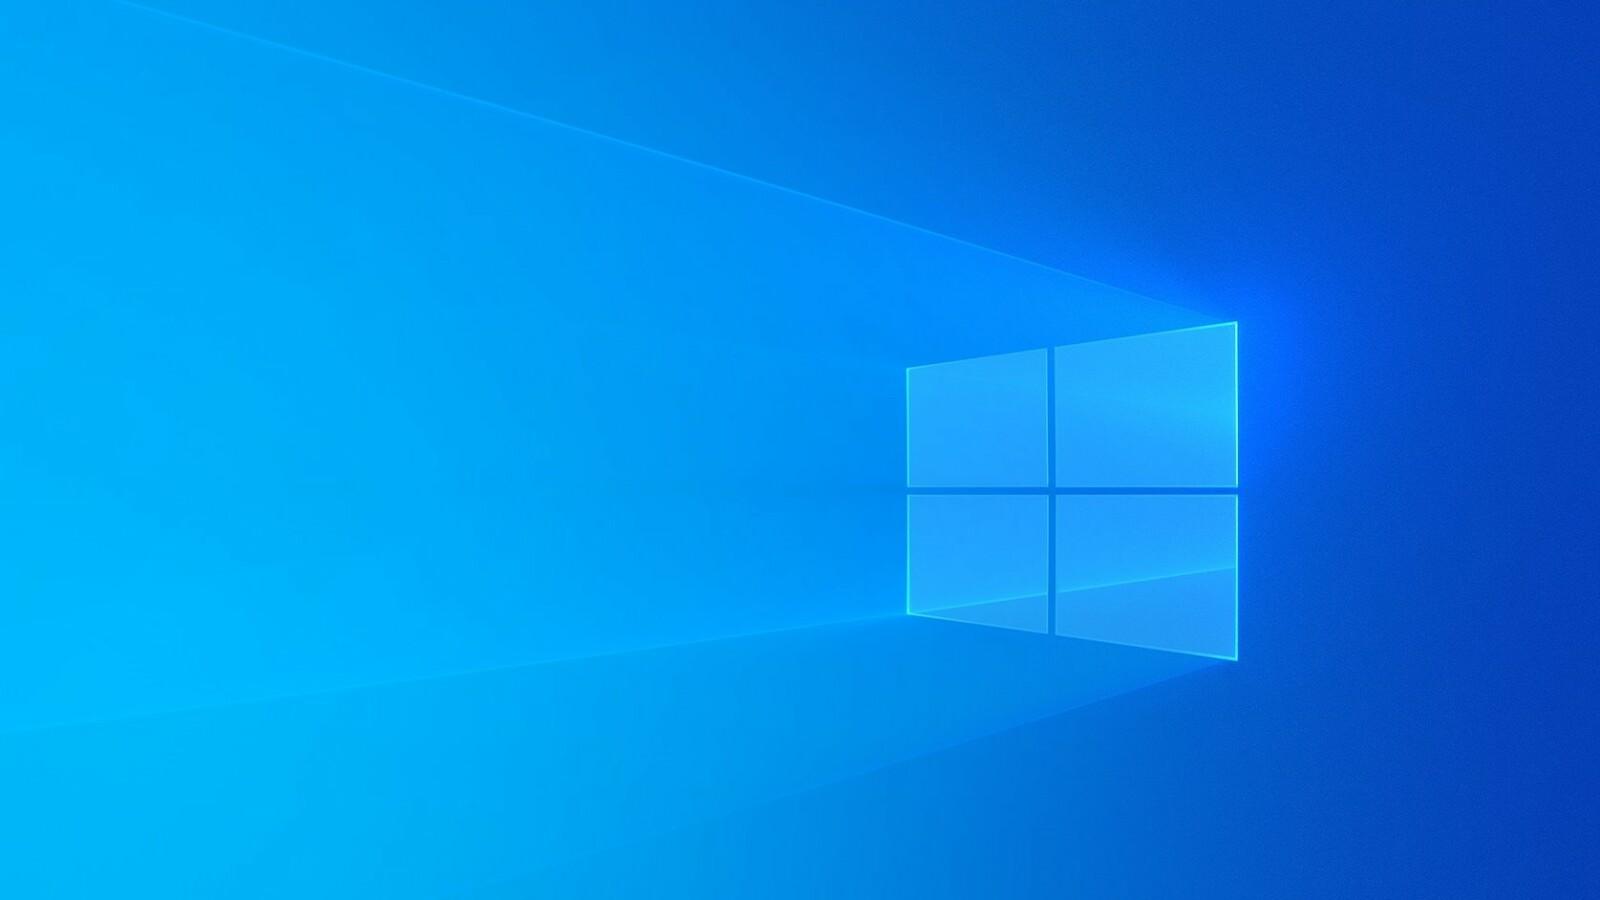 Windows 10: Zeichentabelle aufrufen - So geht's